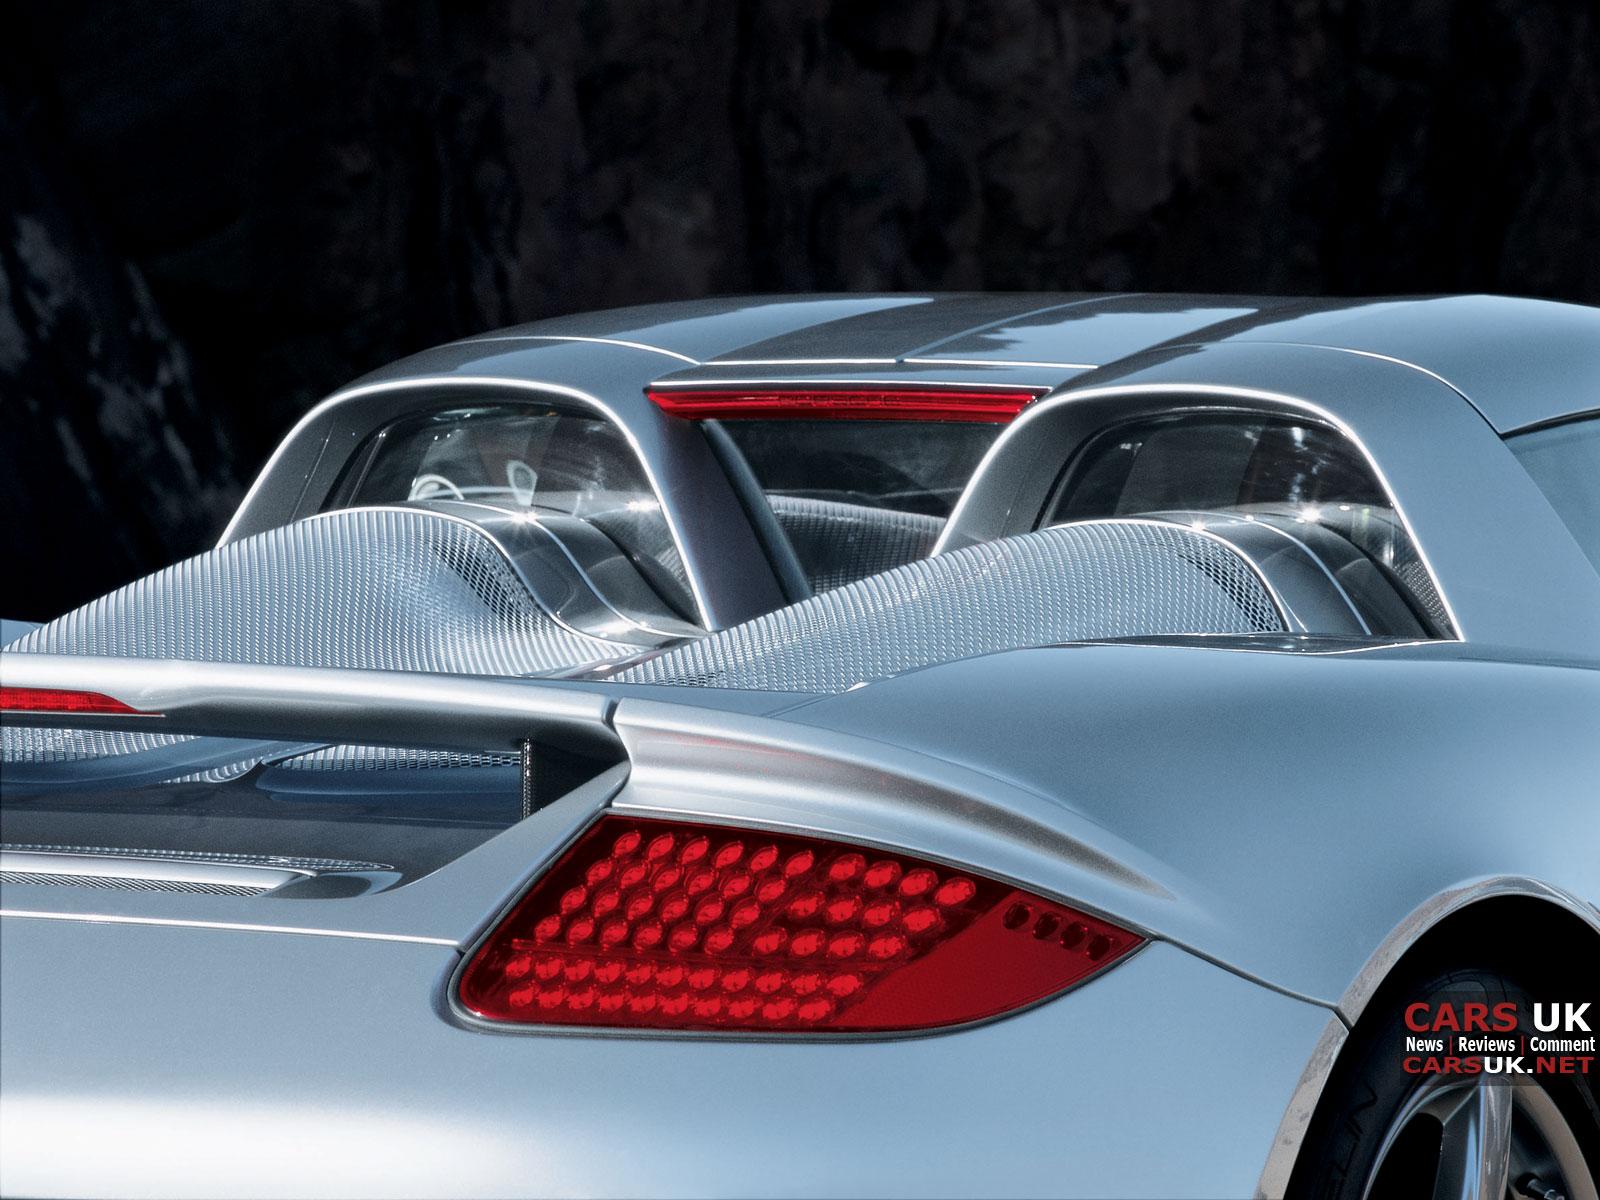 Porsche Carrera GT Wallpapers